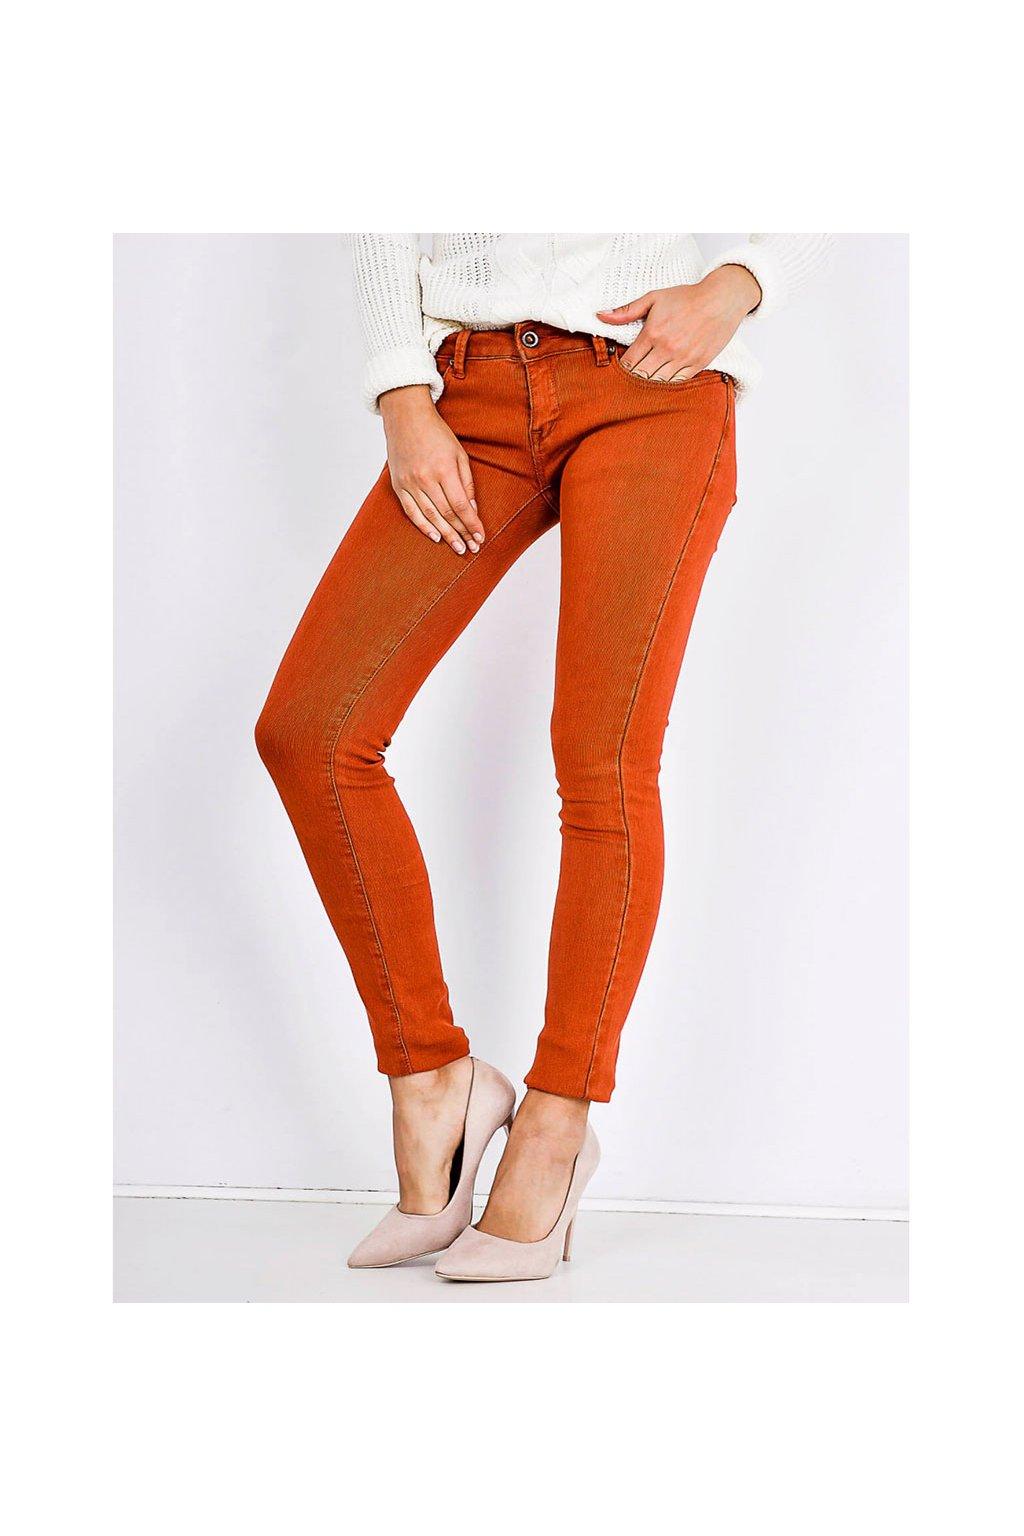 spodnie kolory prazki 10 4 1